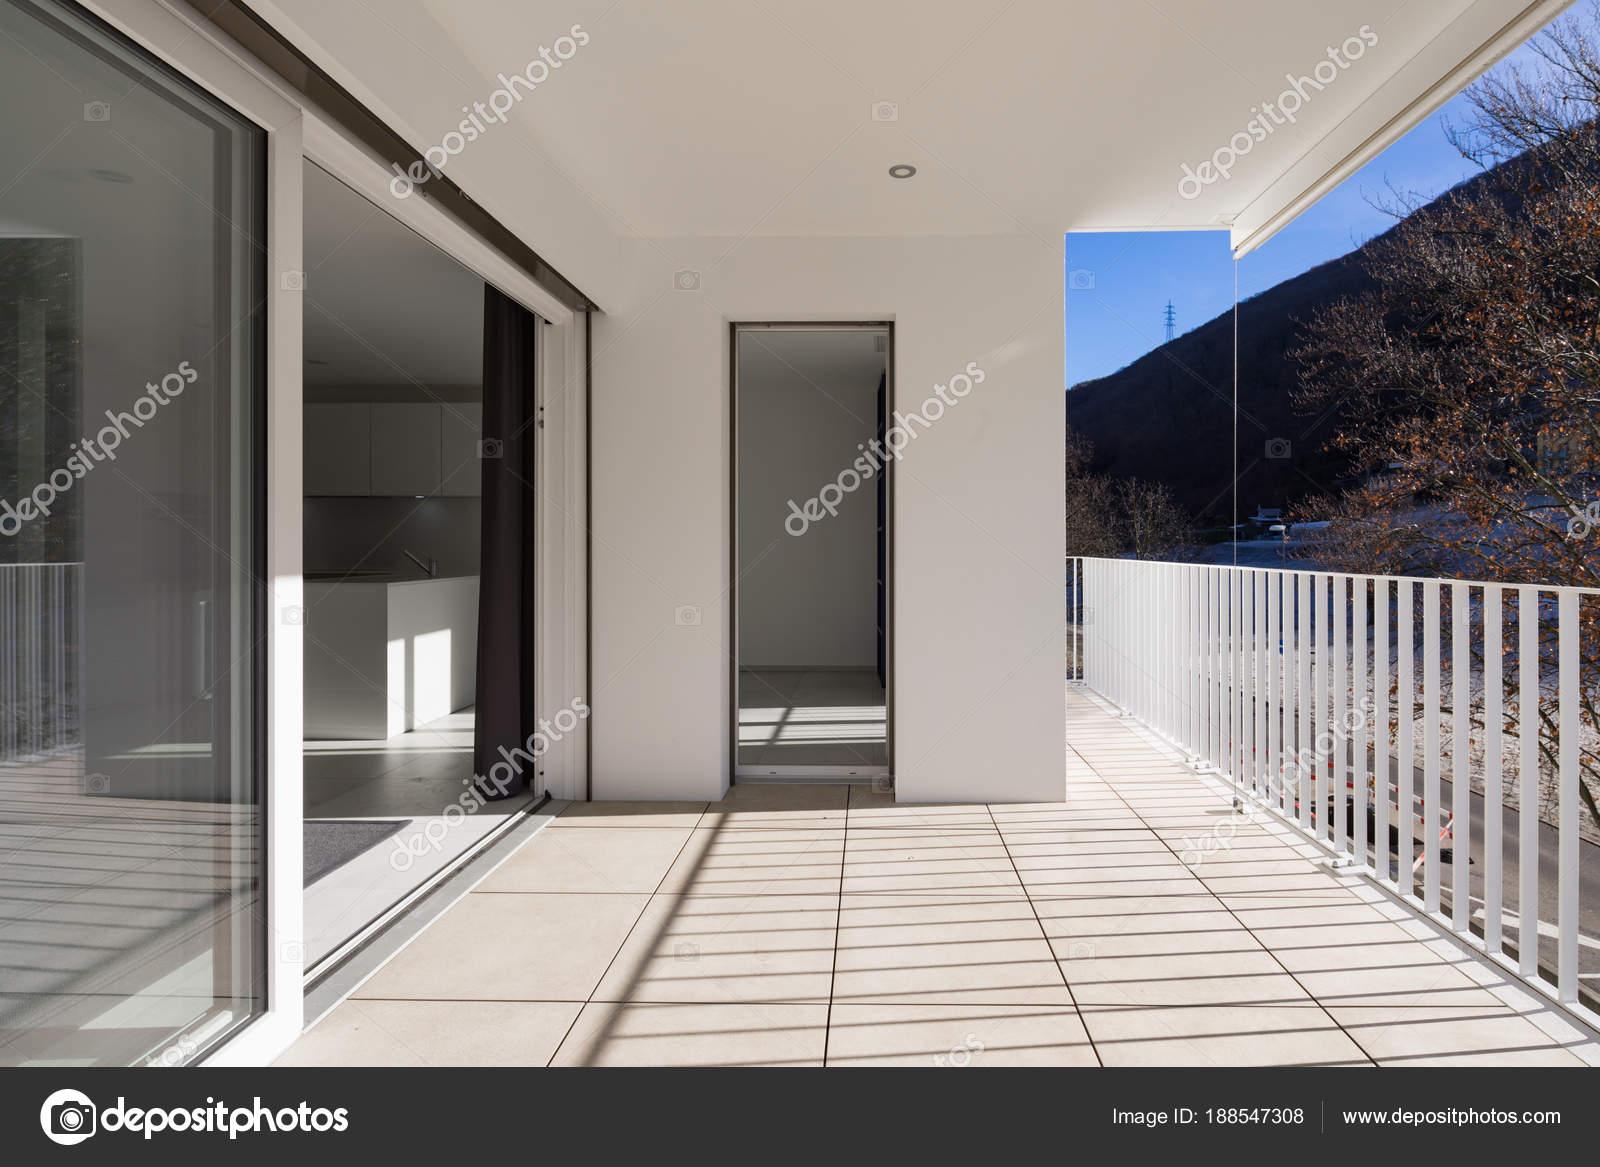 Modernes Haus Terrasse mit Geländer — Stockfoto © Zveiger #188547308